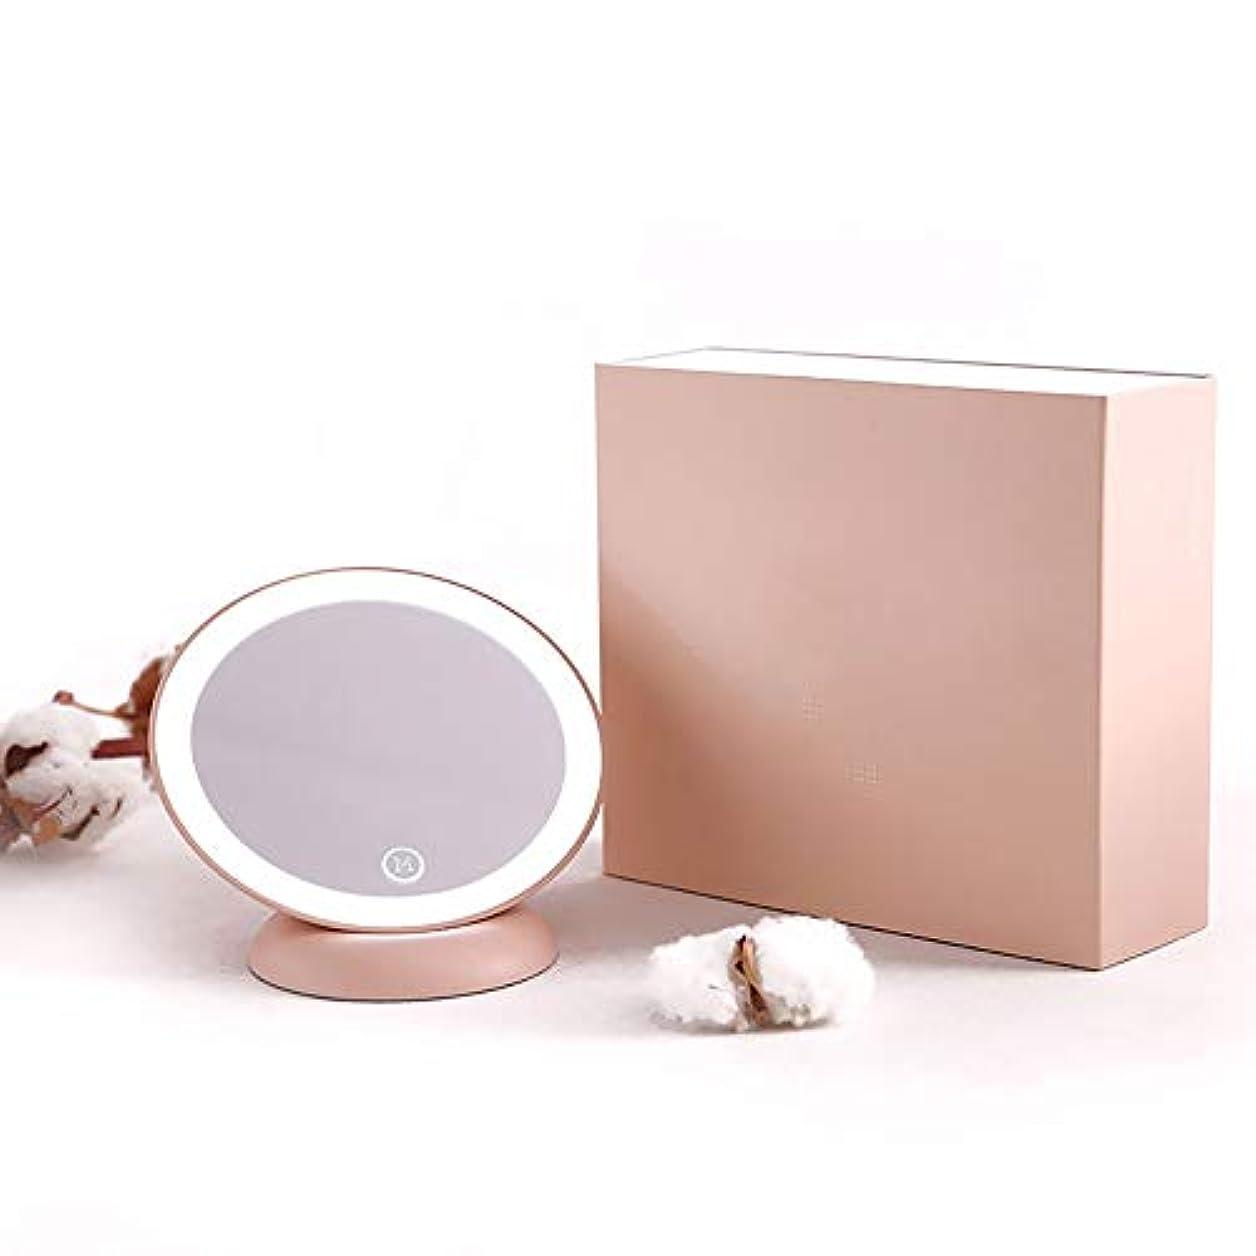 流行の 磁石を運ぶ創造的なライト360度回転ピンク1200mAh化粧鏡